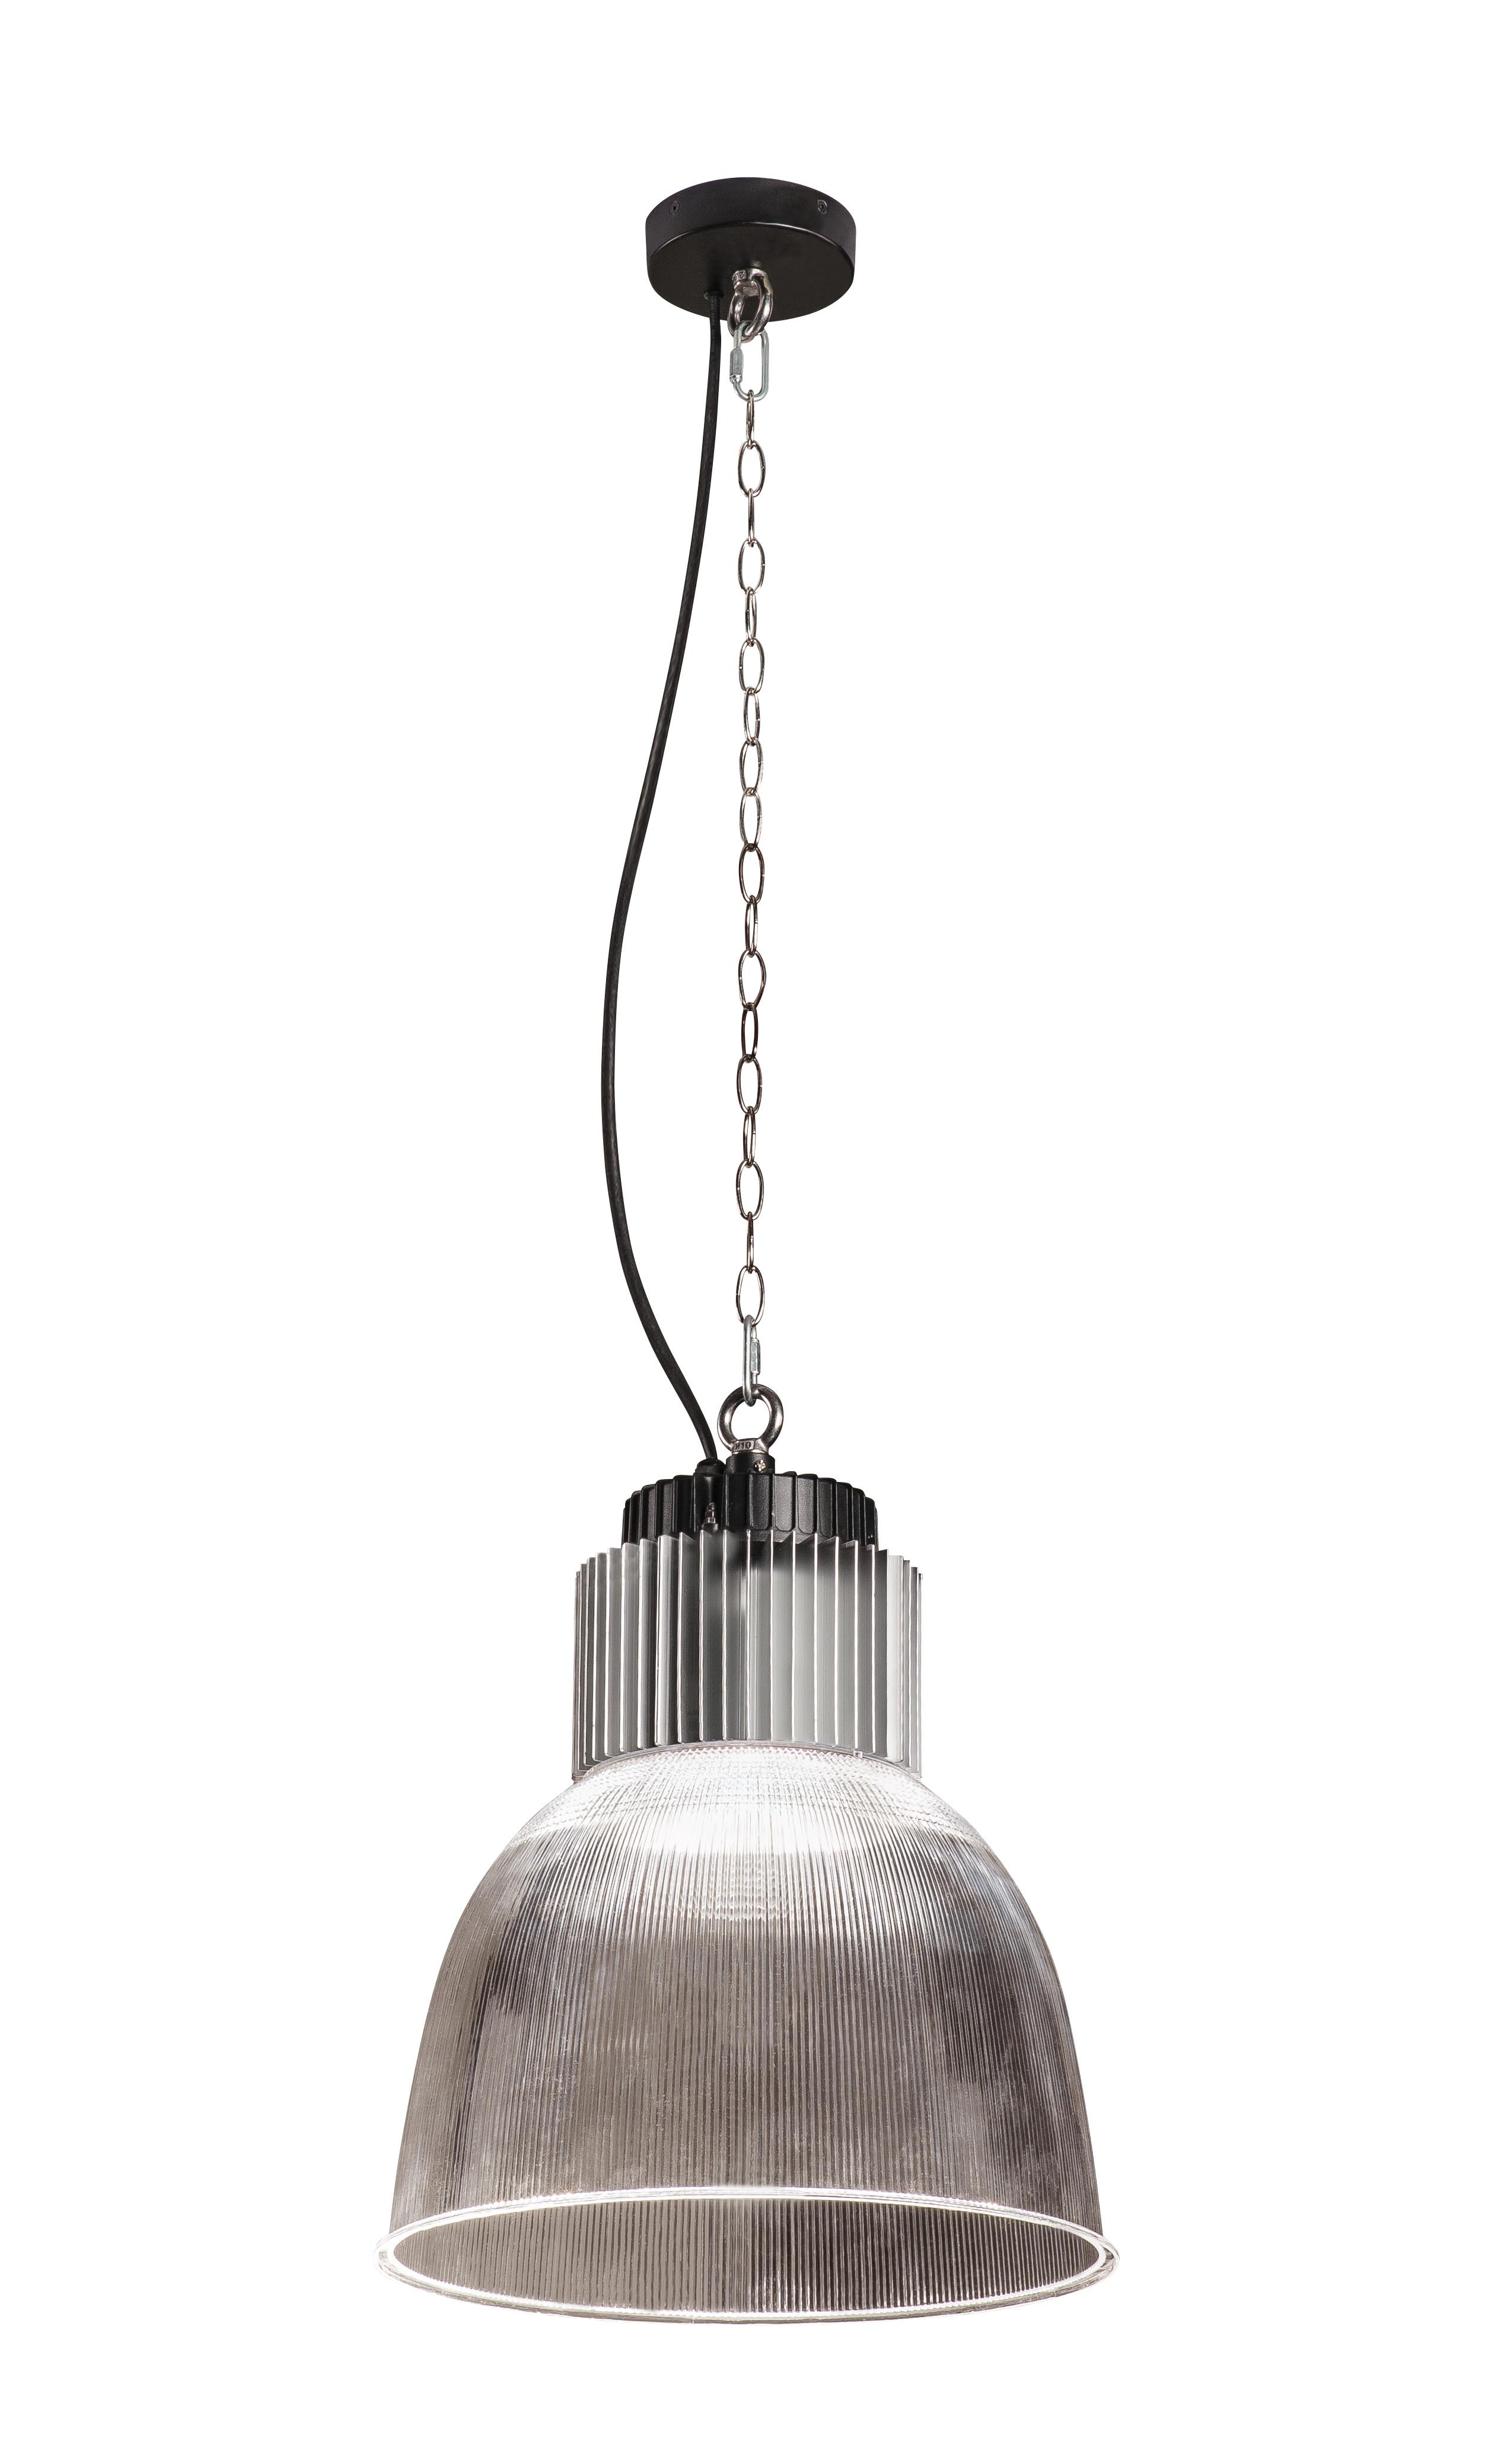 1 Stk PARA BOWL LED Pendelleuchte, weiß, 5000K  LI1000728-